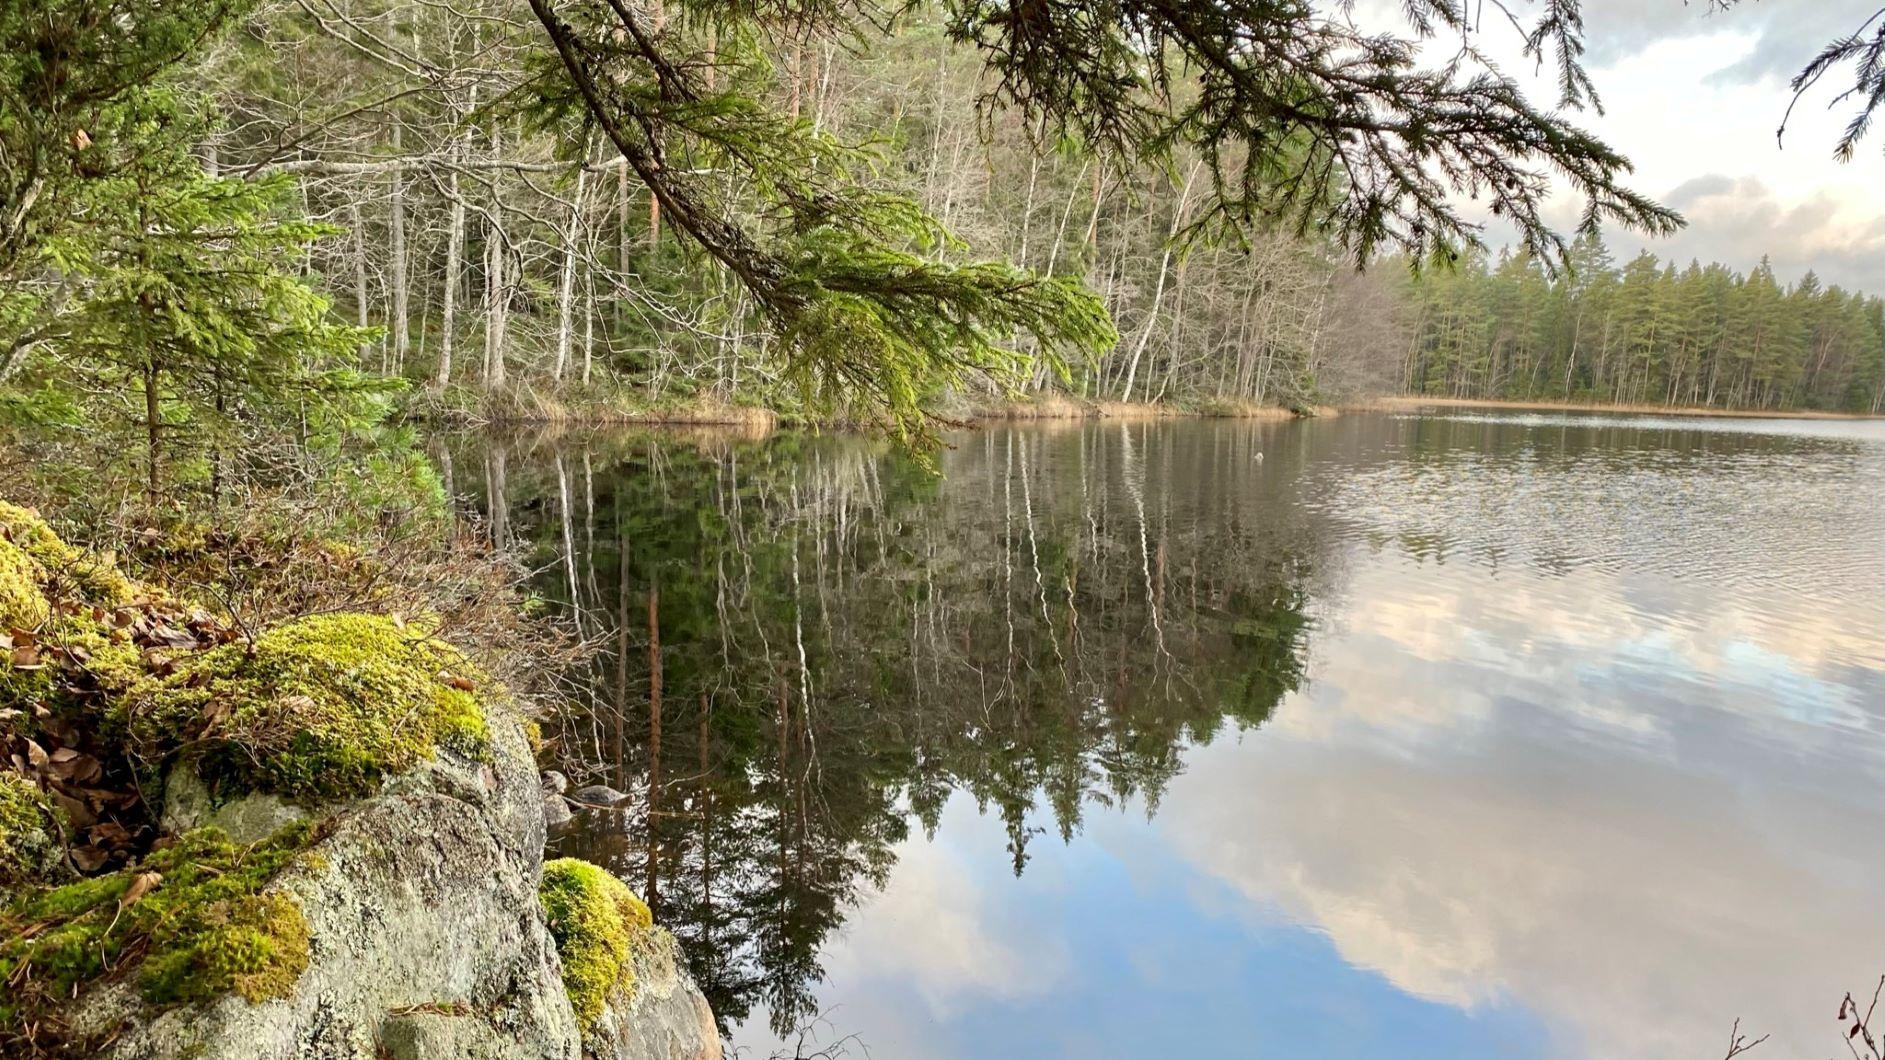 Kivisammaljärvi on Hämeen Ilvesreitti